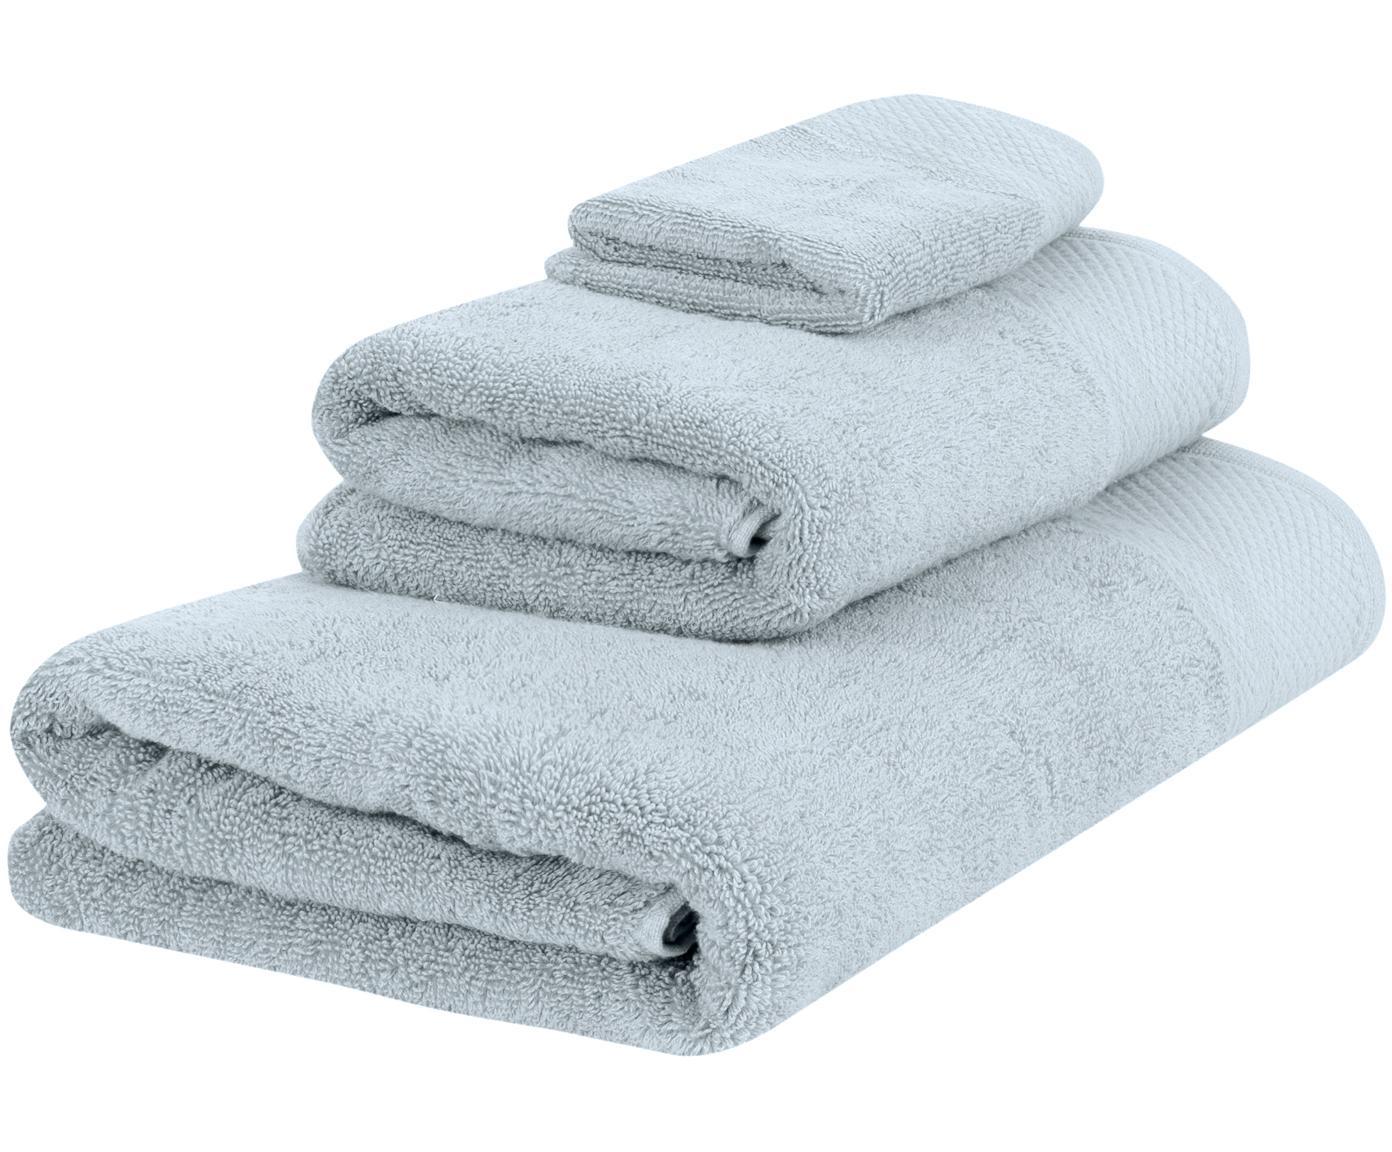 Komplet ręczników Premium, 3 elem., 100% bawełna, Wysoka gramatura 600 g/m², Jasny niebieski, Różne rozmiary